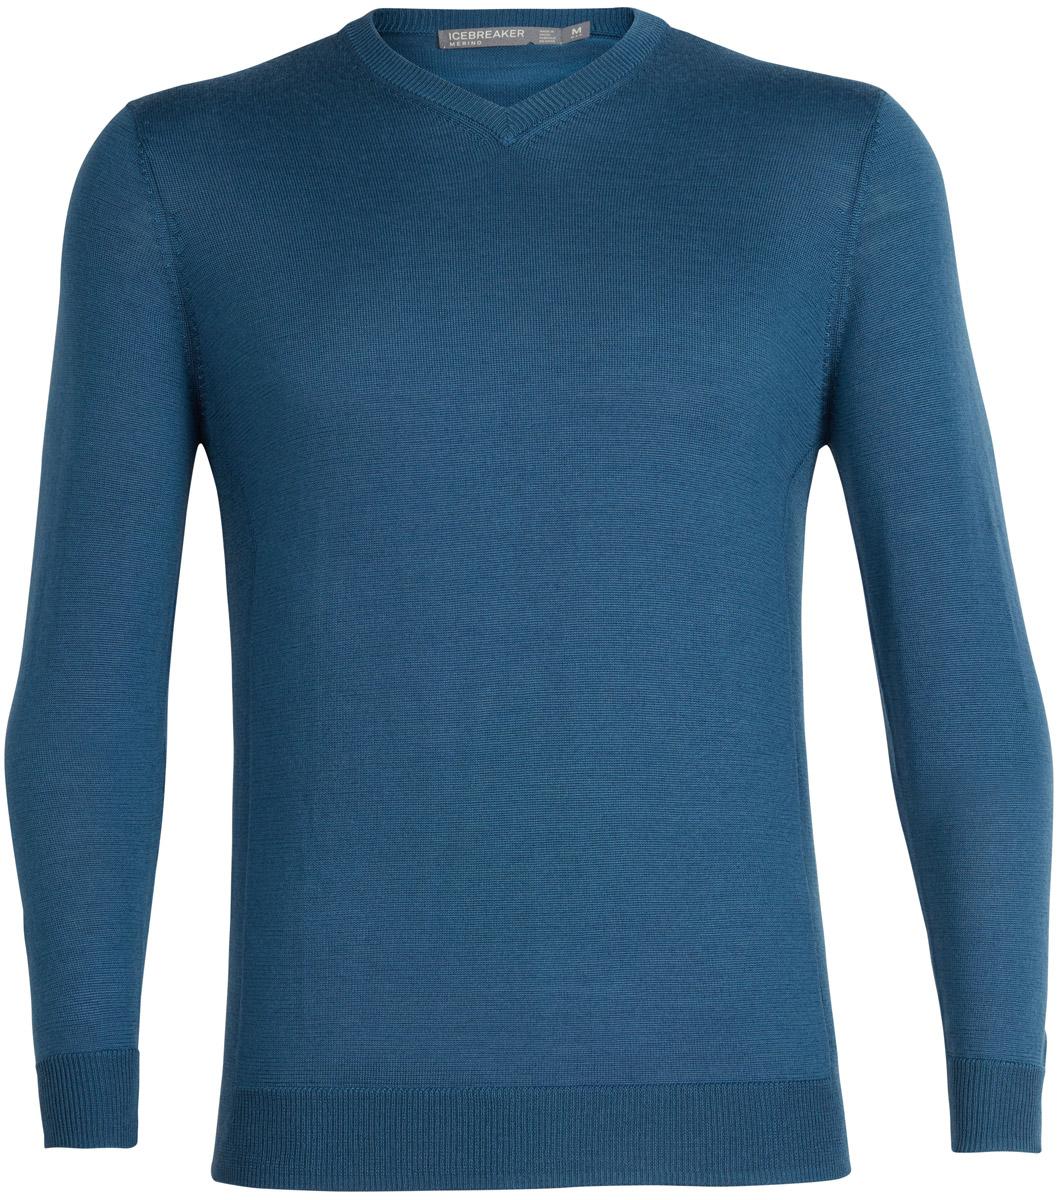 Icebreaker Quailburn V Sweater Men